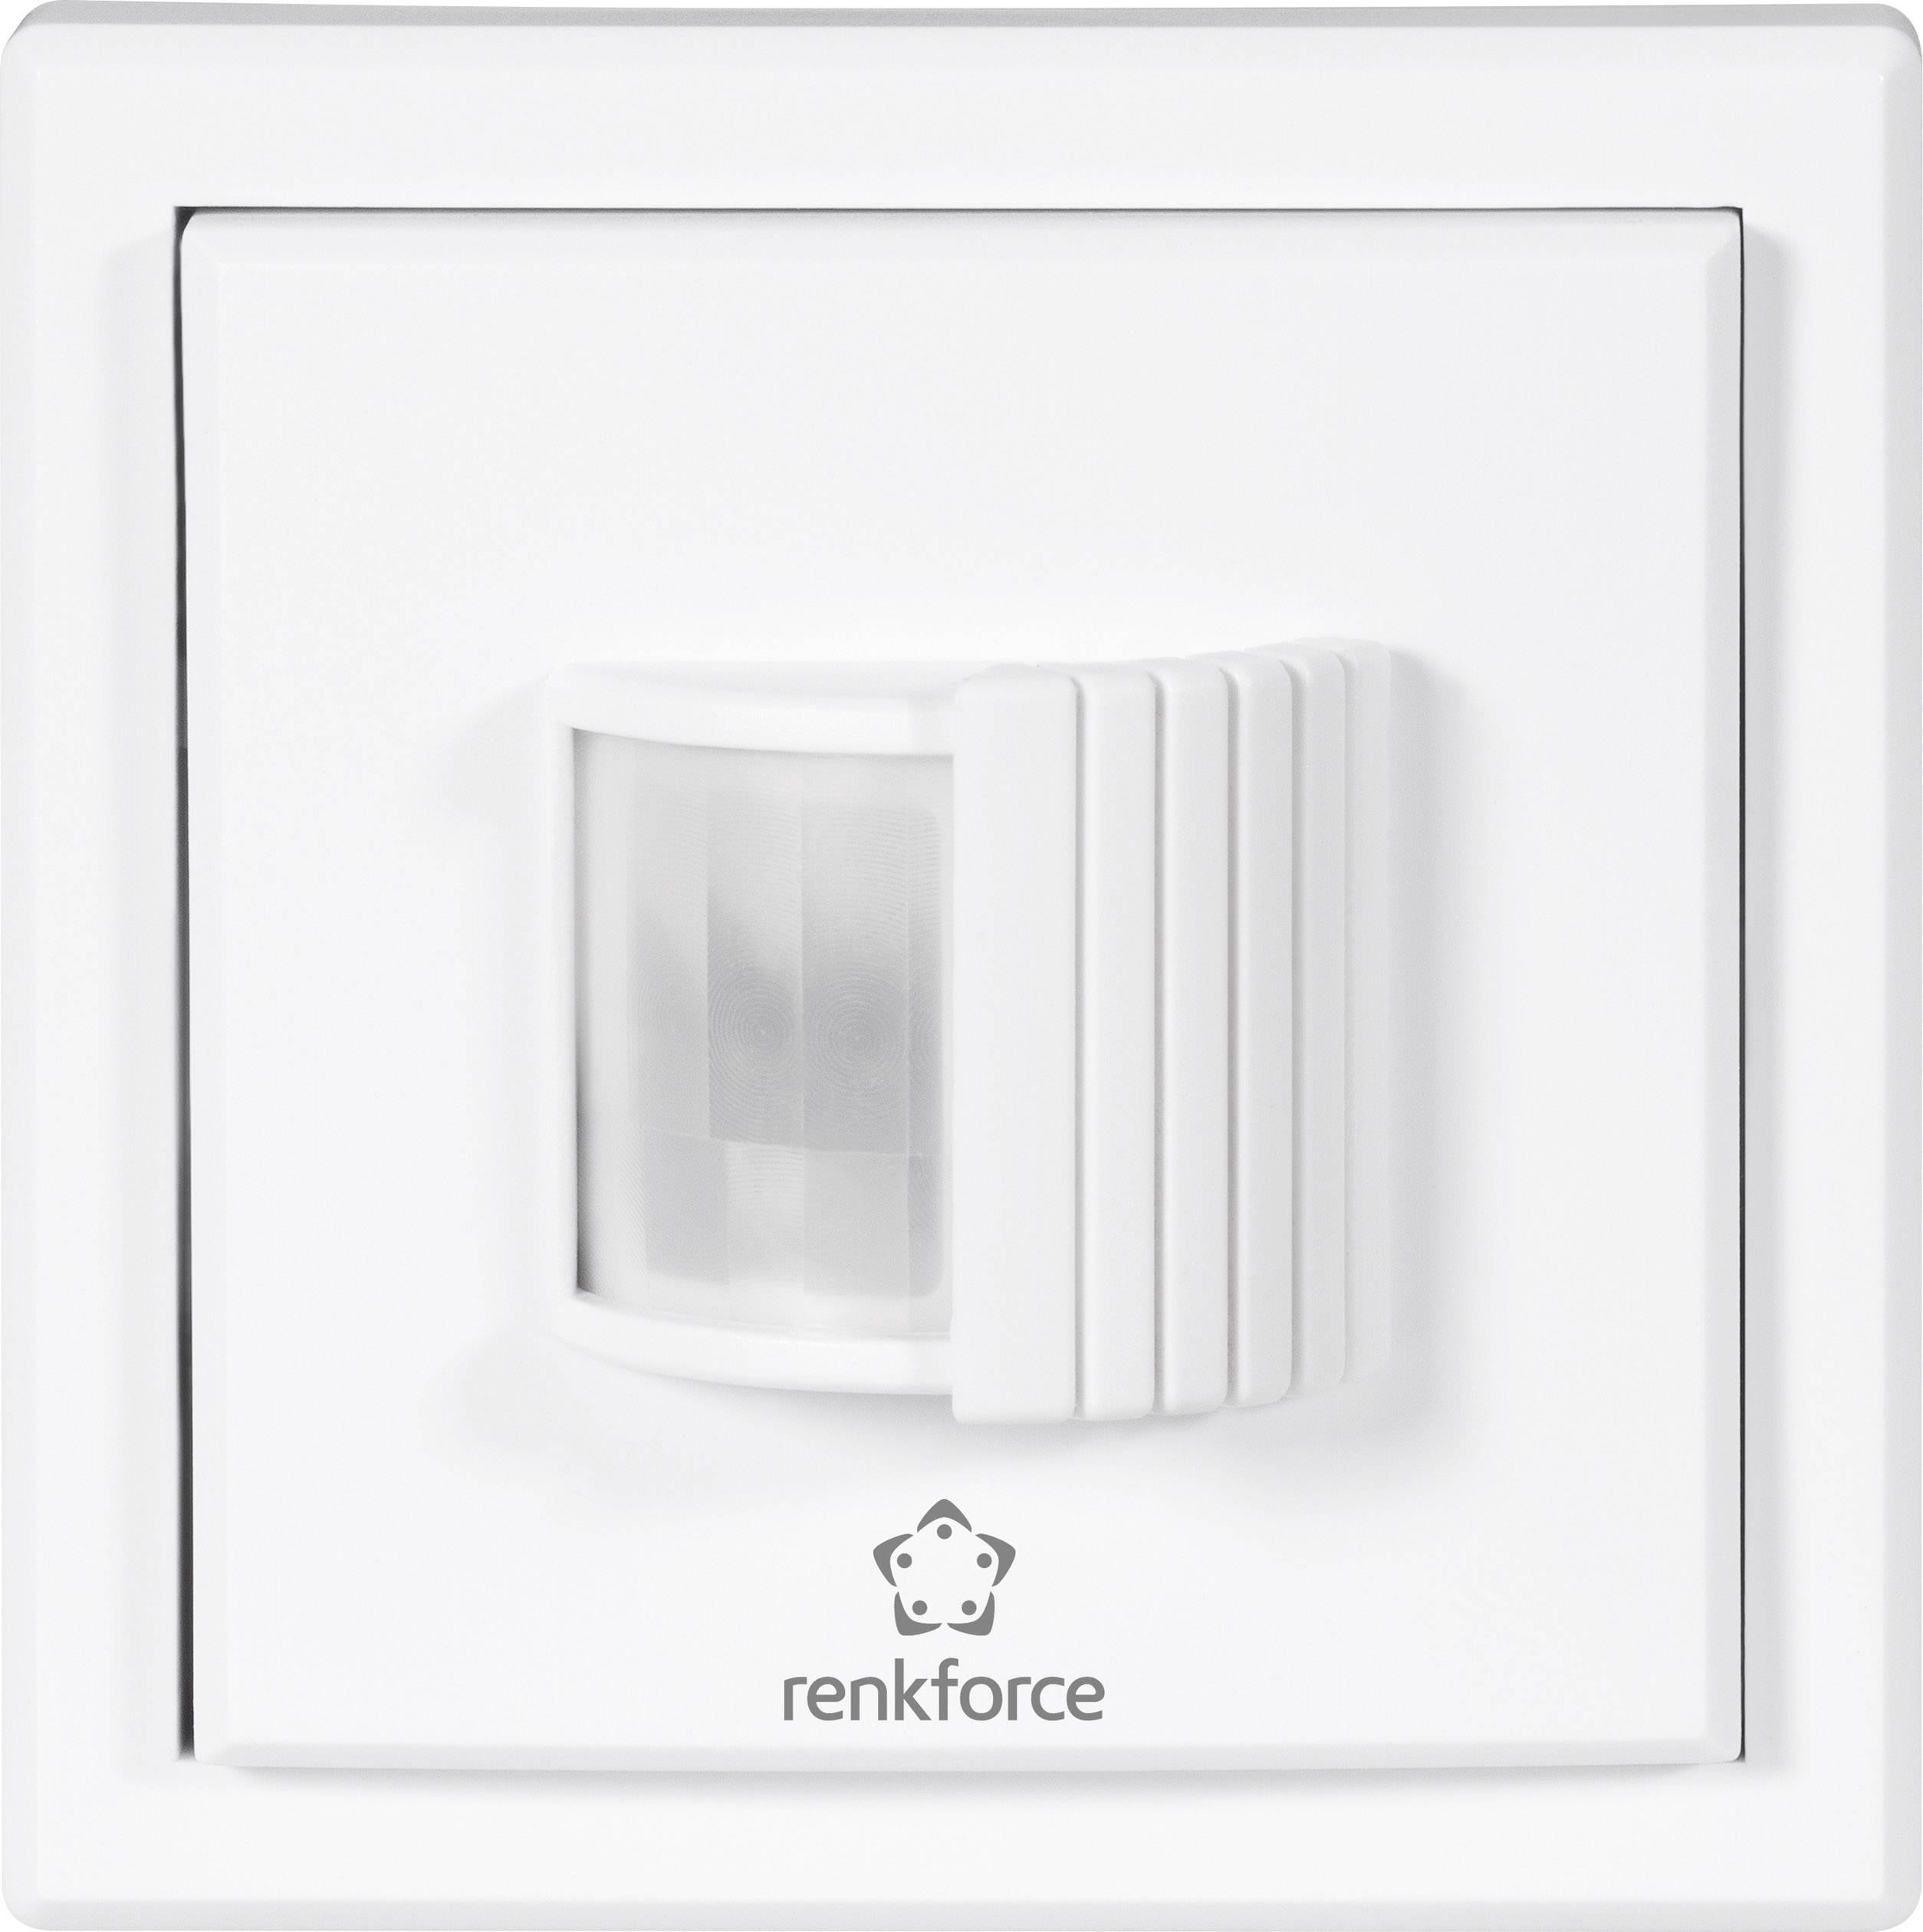 Bezdrôtový detektor pohybu na omietku Renkforce RS2W 1270202, 1-kanálový , max. dosah 150 m, biela